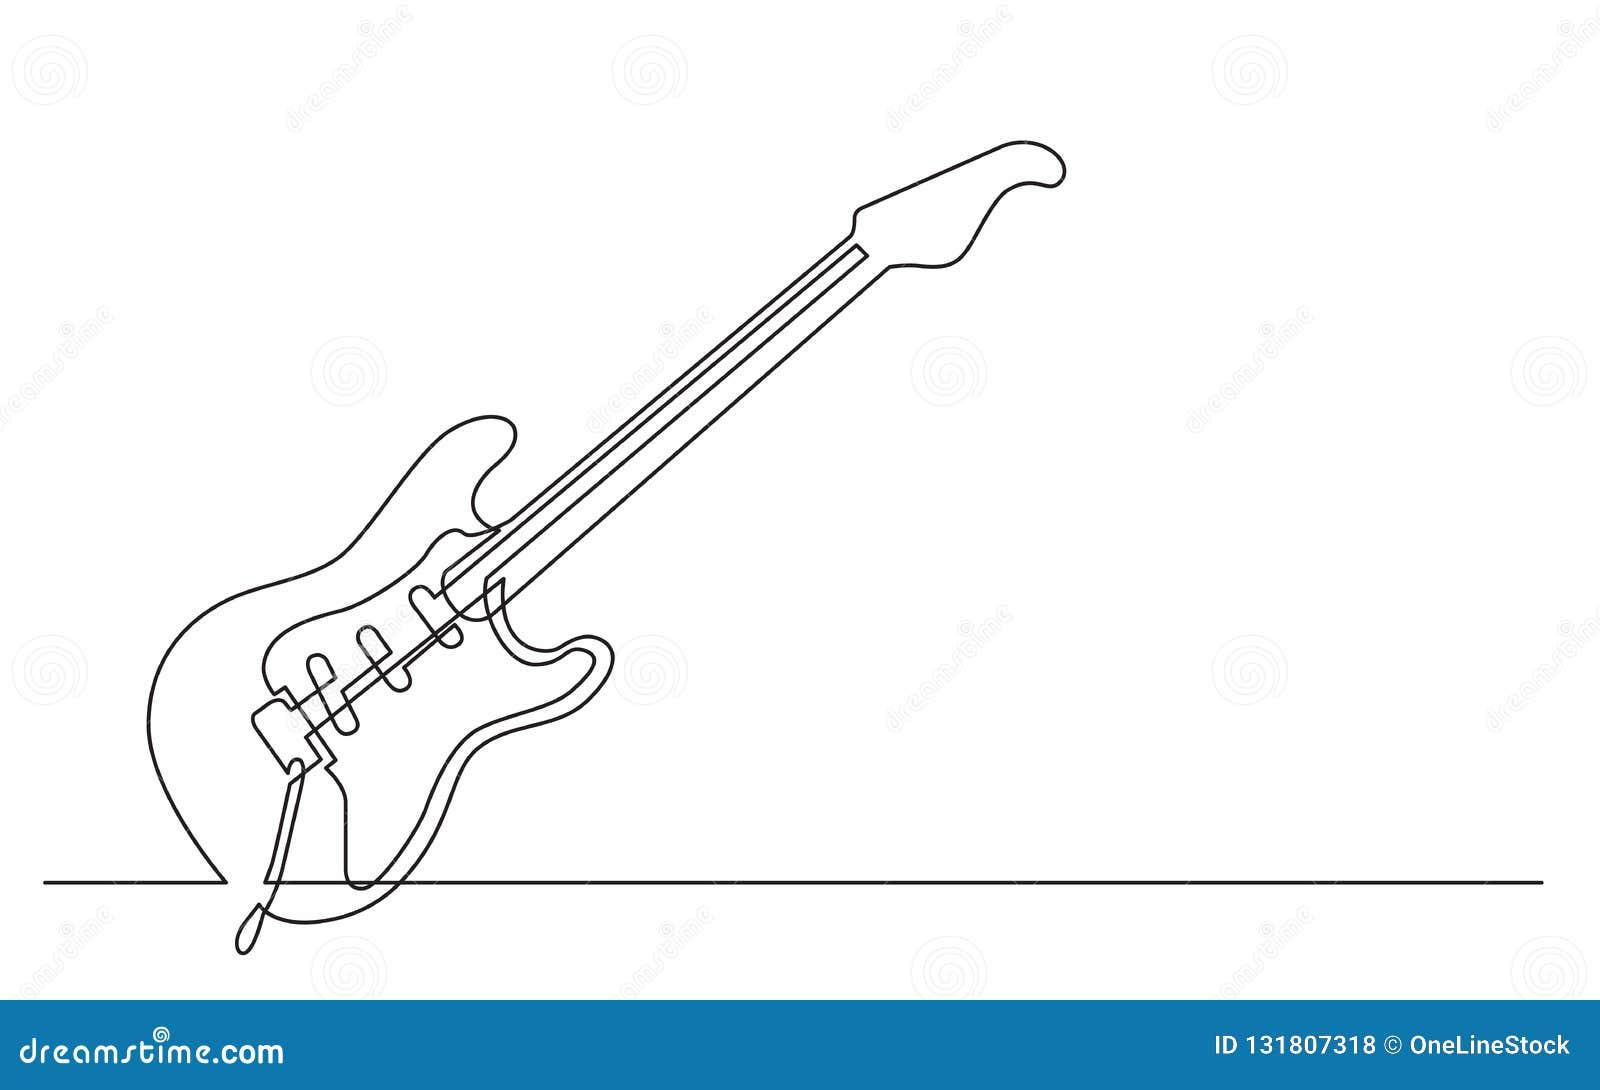 Непрерывная линия чертеж электрической гитары с 3 одиночными приемистостями и тремоло катушки